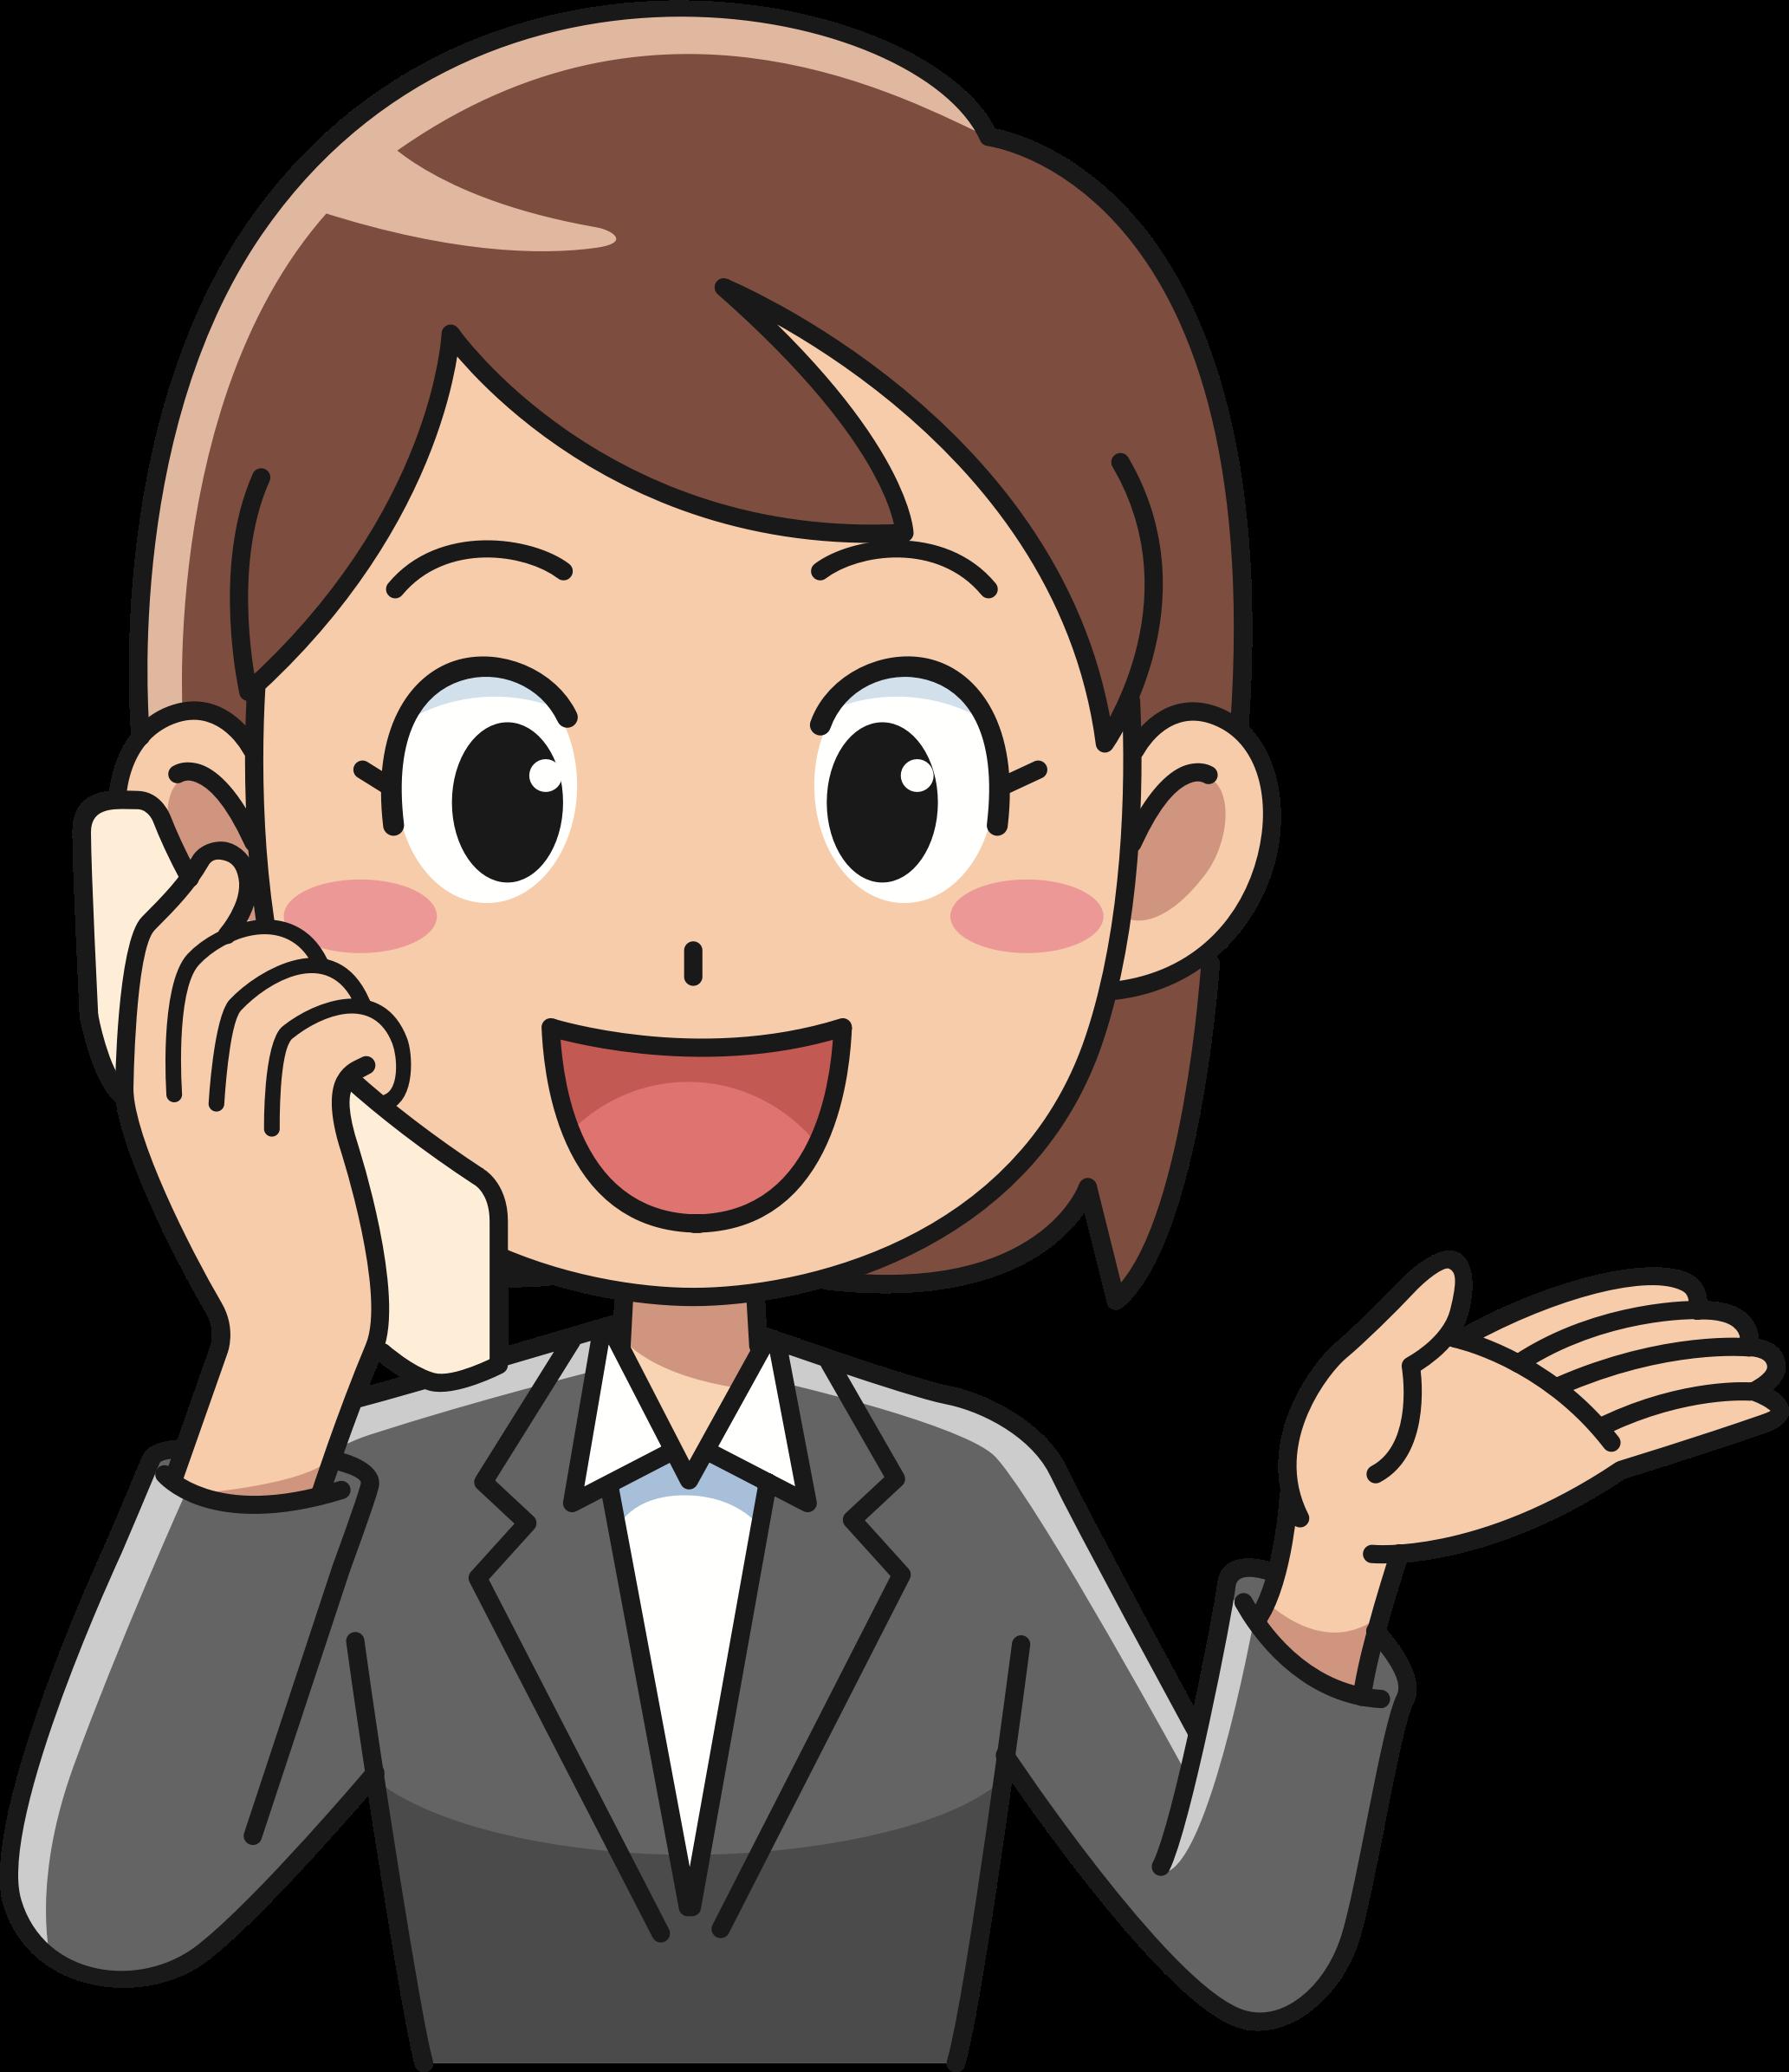 Clipart phone boy. Female using telephone big